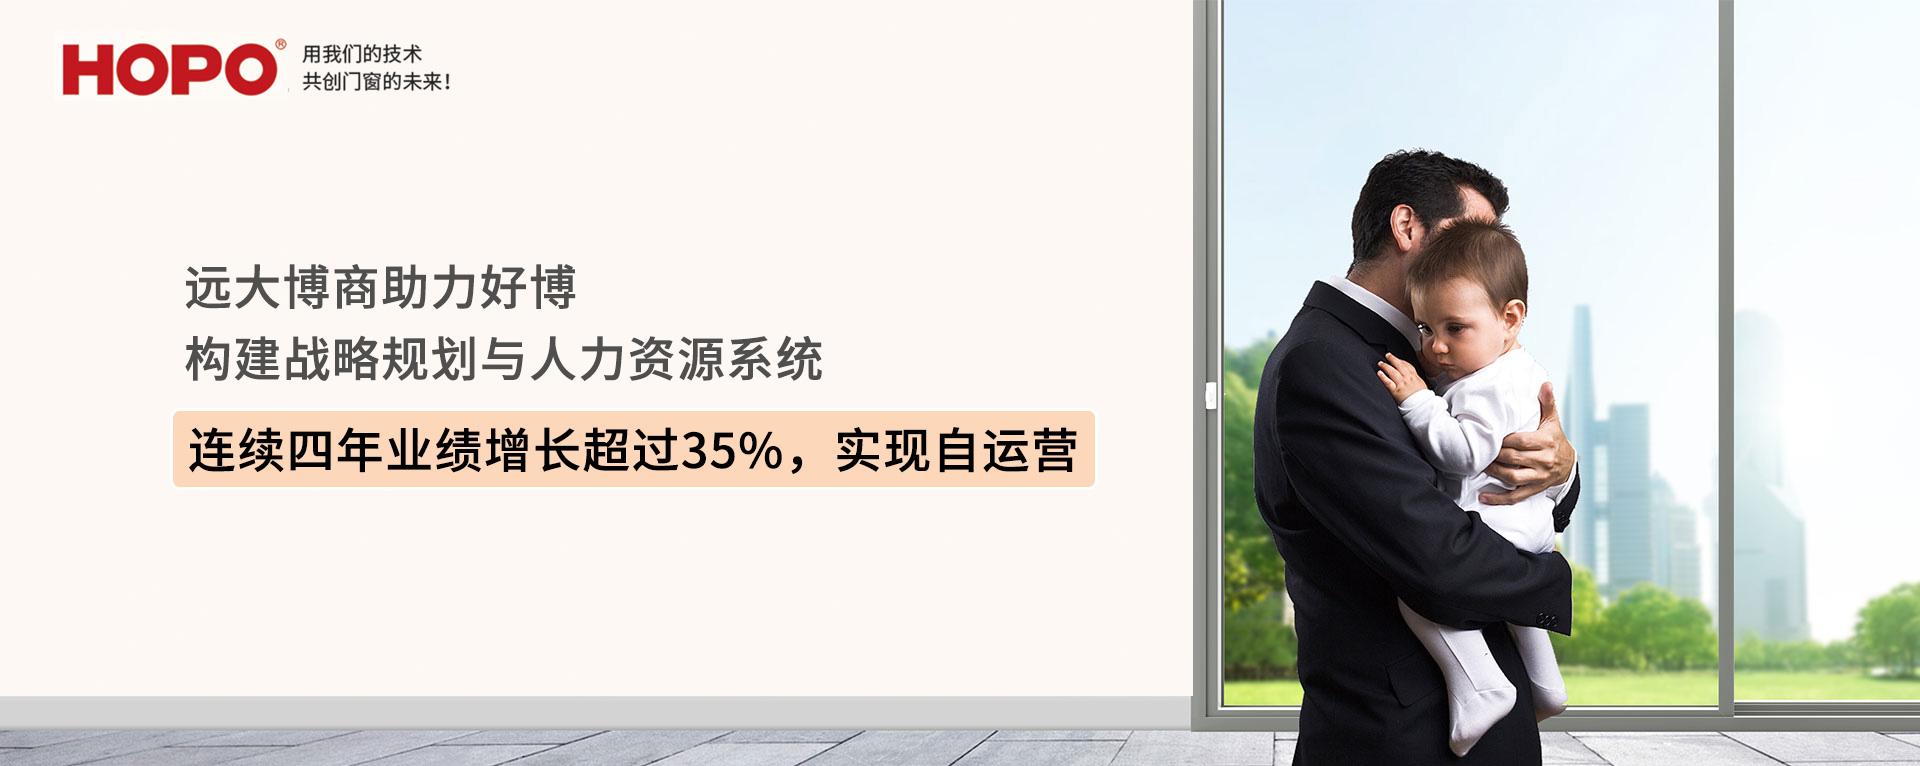 """湖南西玛文化产业发展有限公司""""战略规划""""项目案例"""